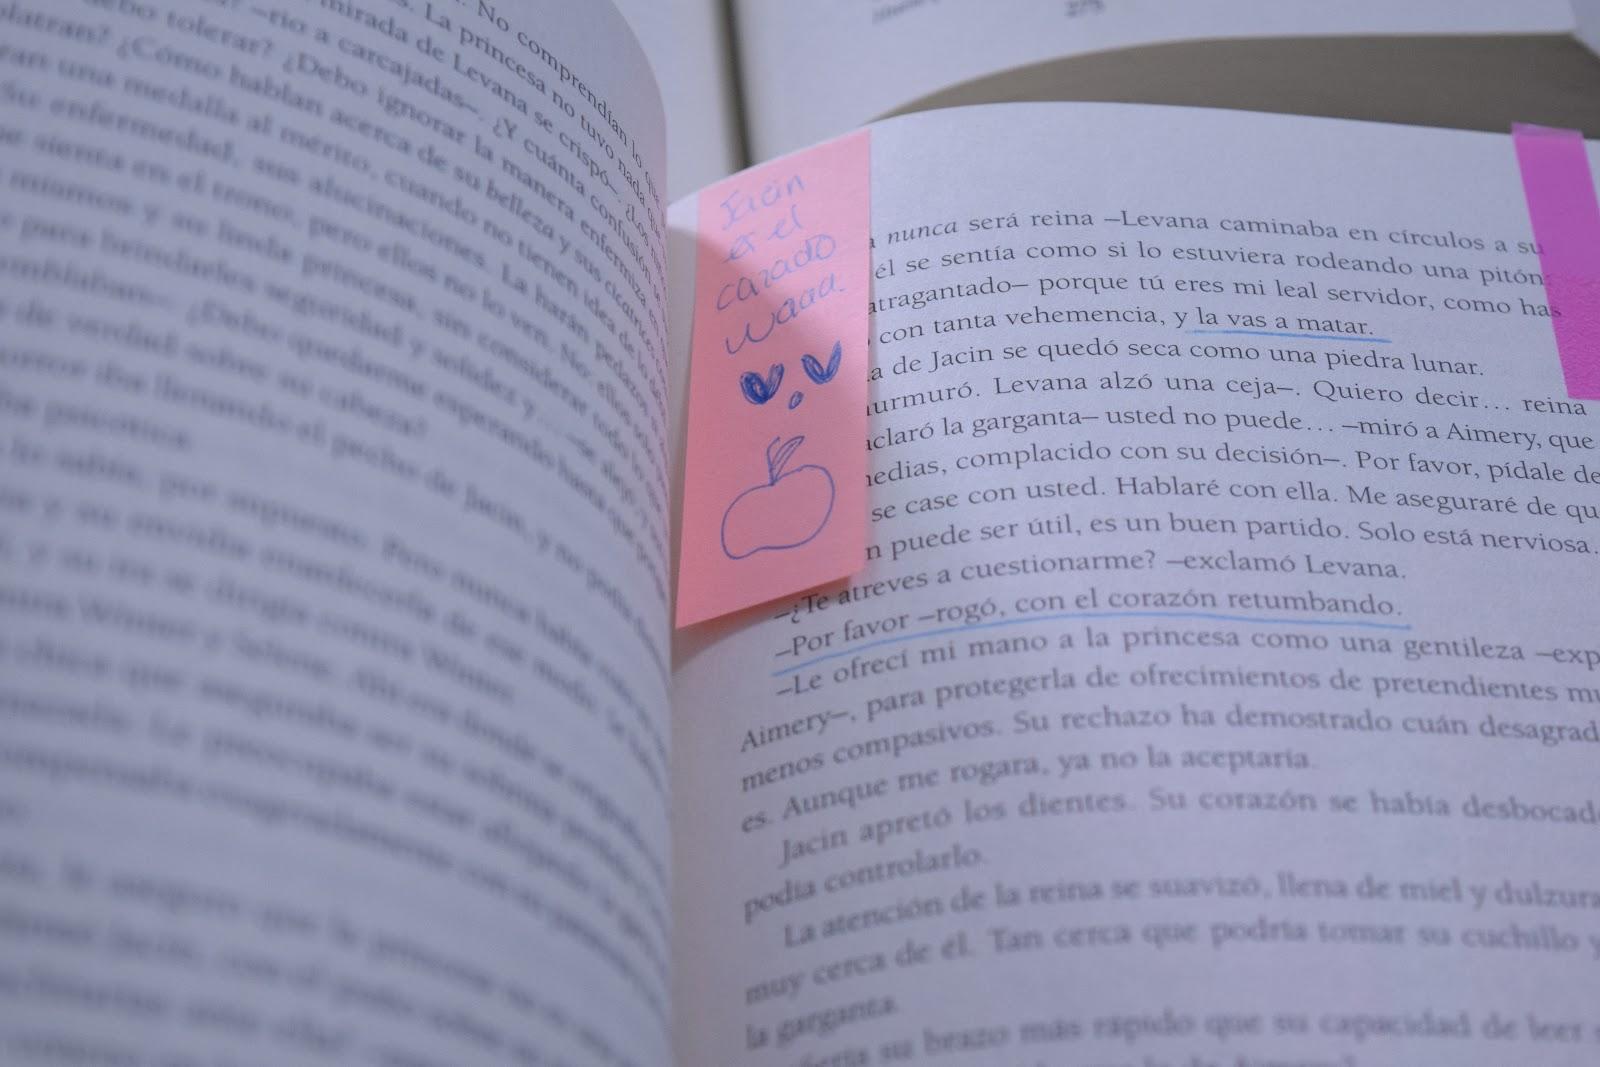 La Recordadora: ¿Post Its? ¿Subrayo y escribo en mis libros? ¿Ritual ...